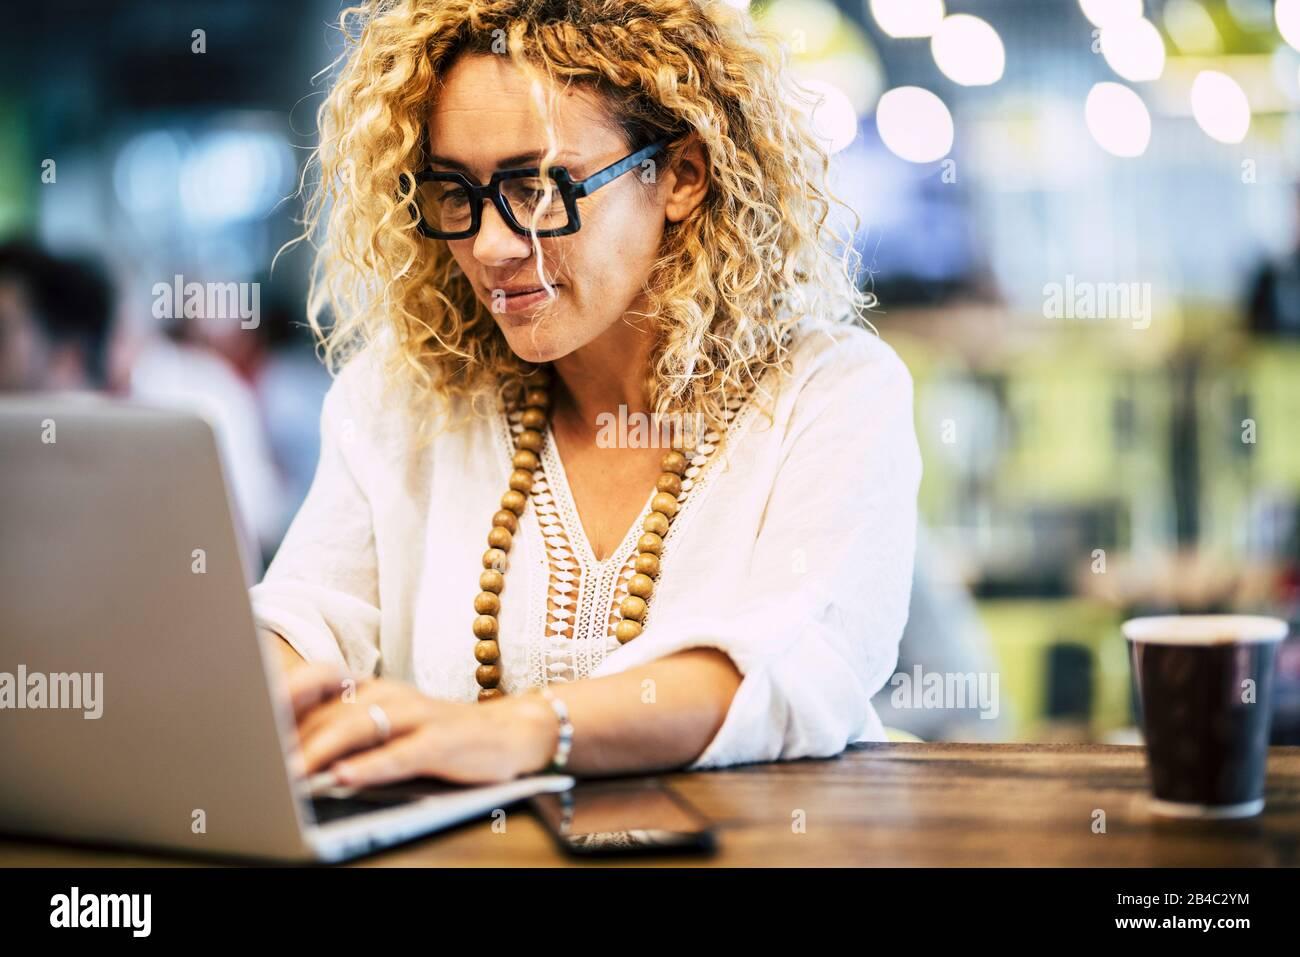 Moderne Erwachsene kaukasische Frau, die an einem Laptop an ihrem Desktop arbeitet - Leute, die mit Technologiekonzept arbeiten - Internetverbindung und entschärfter Hintergrund Stockfoto